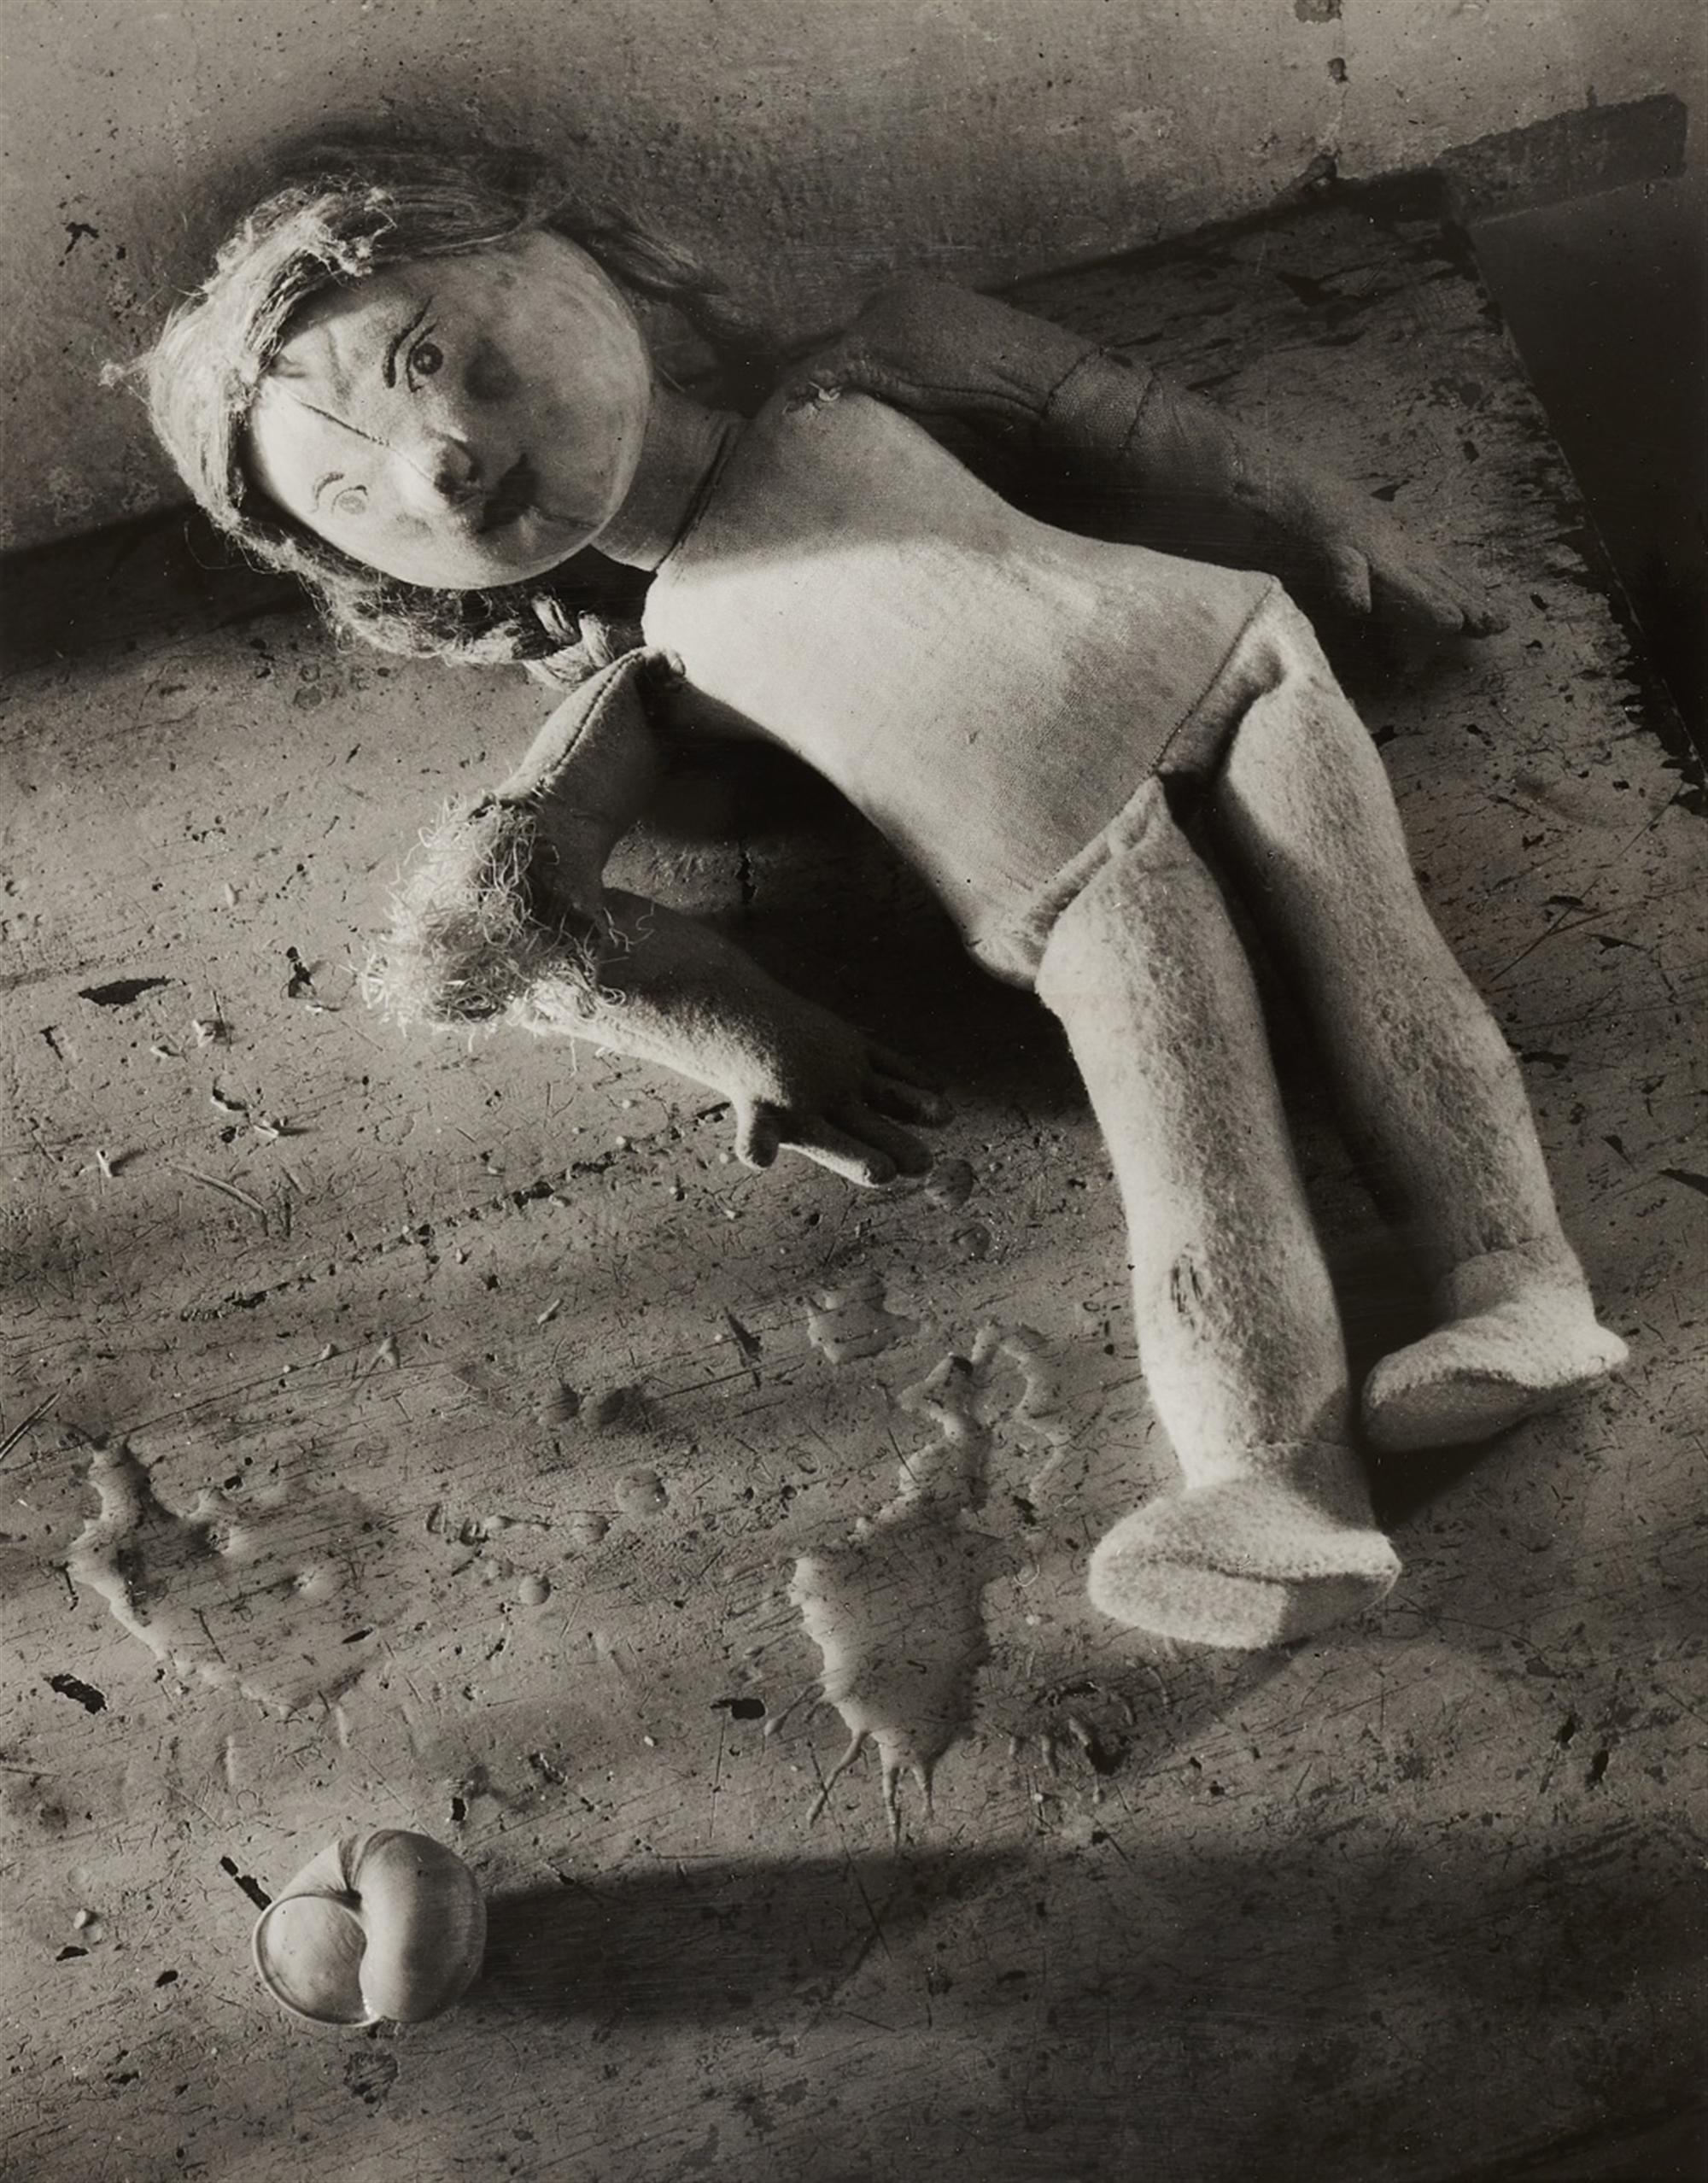 Peter Keetman<BR>Verlassene Puppe